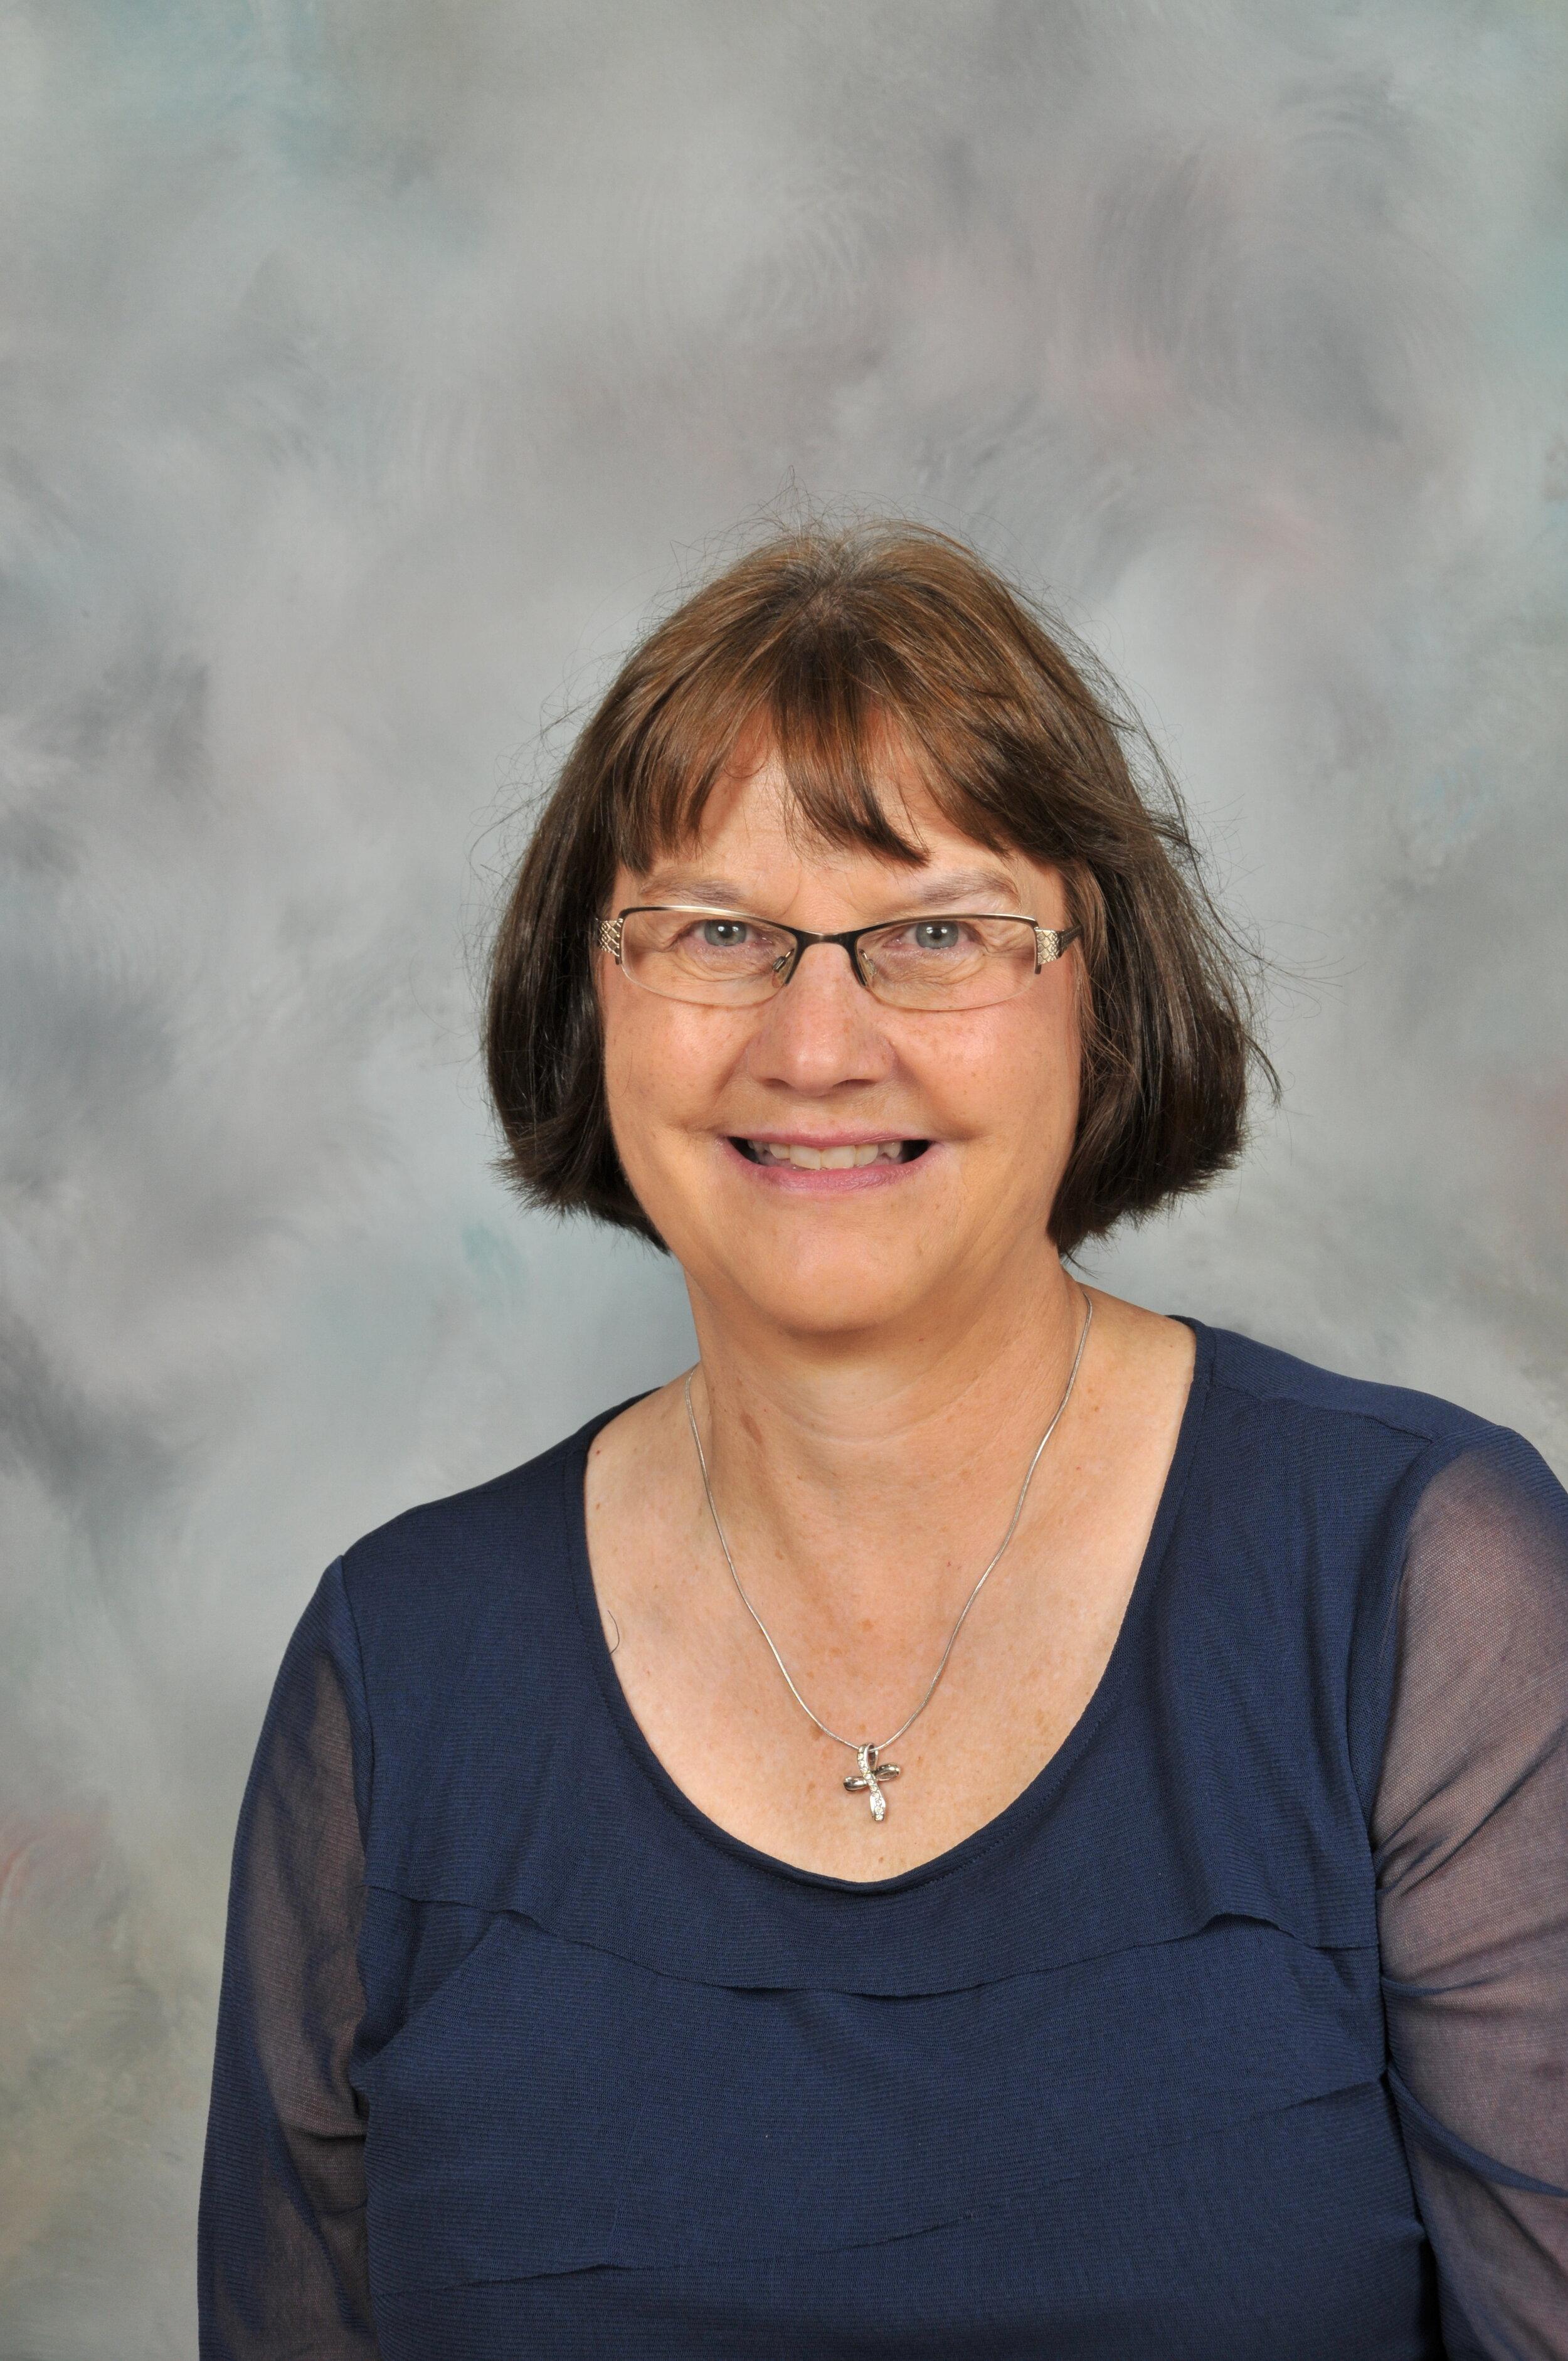 Teresa Evans, Finance Manager